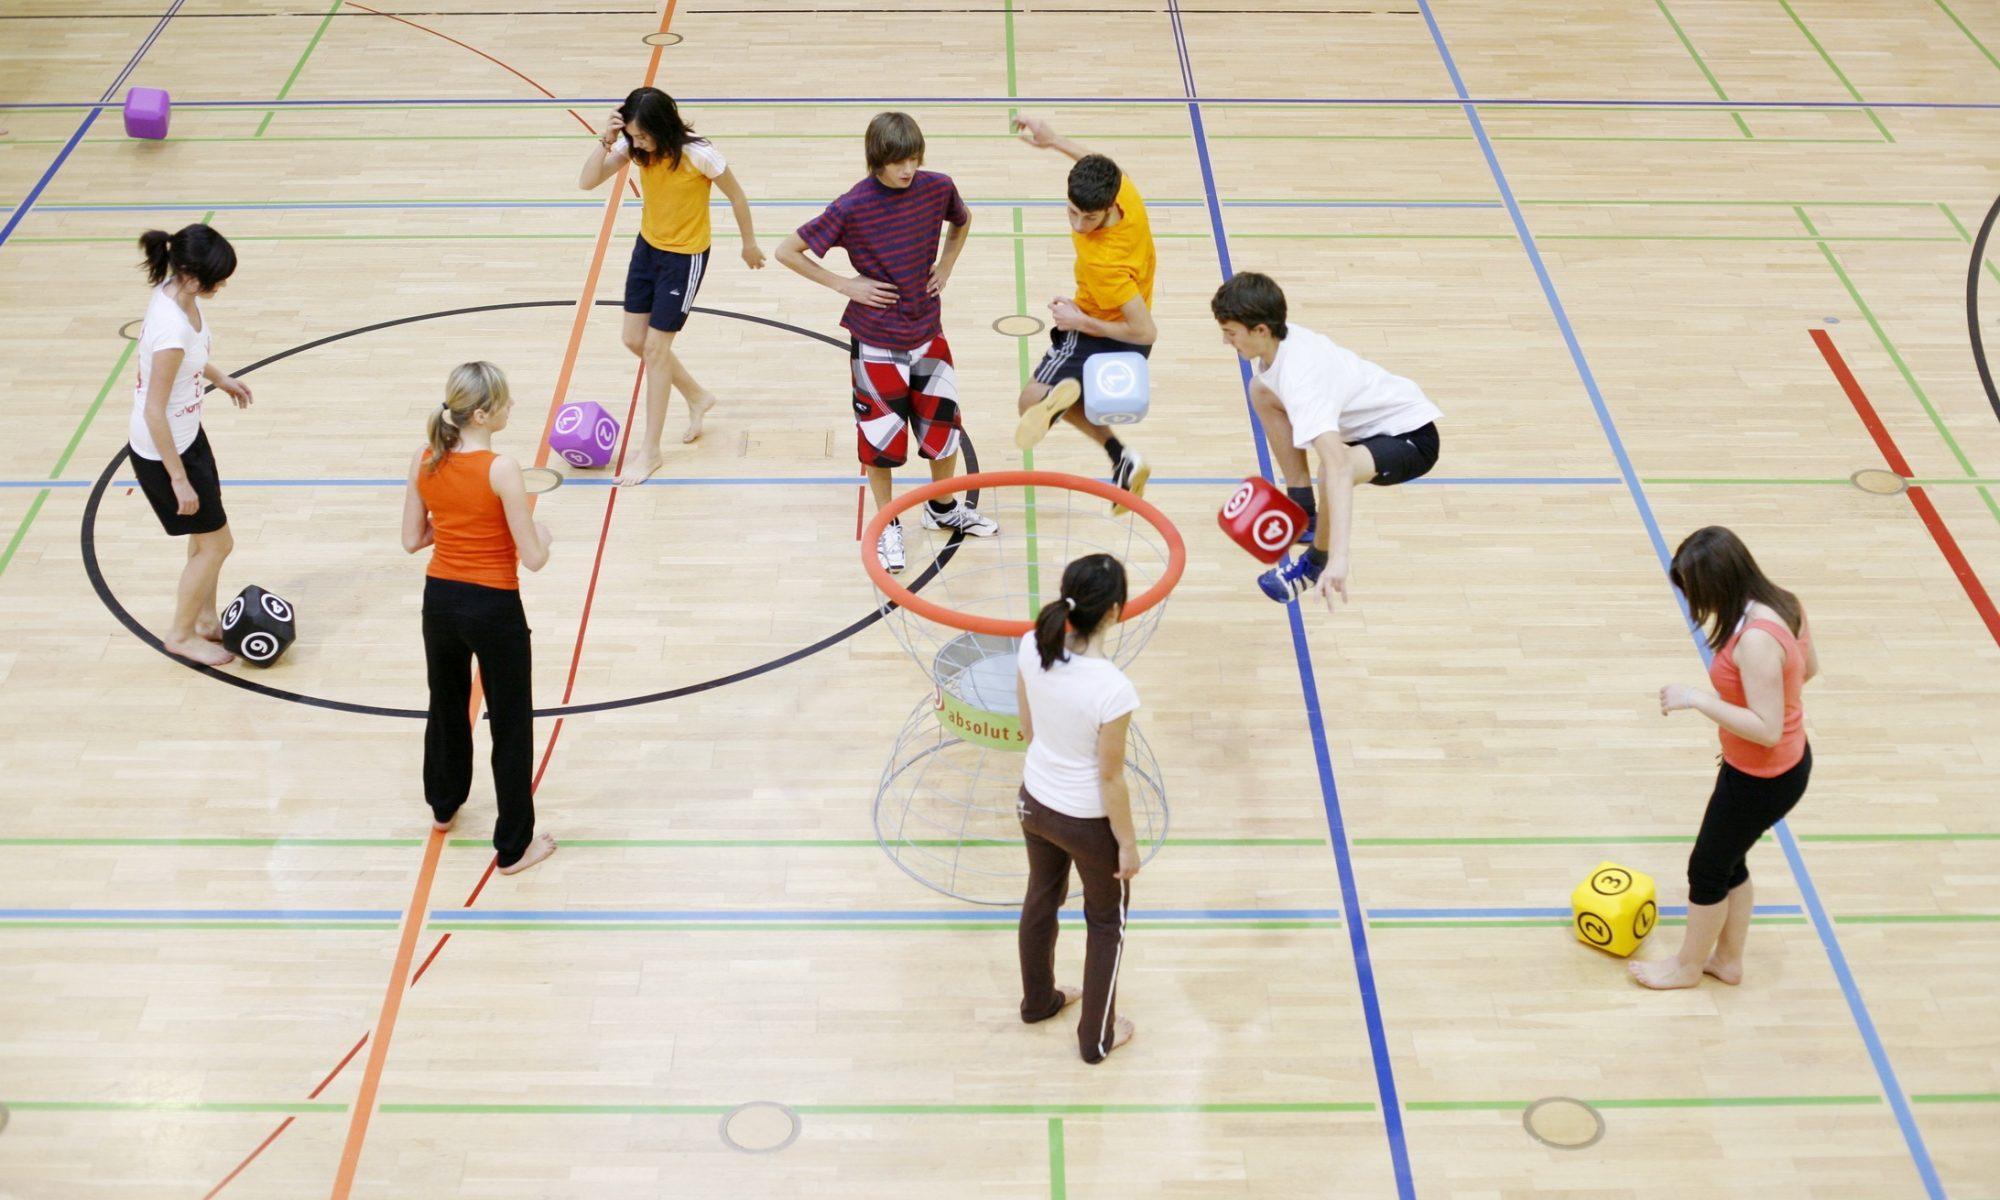 Bewegung in der Schule